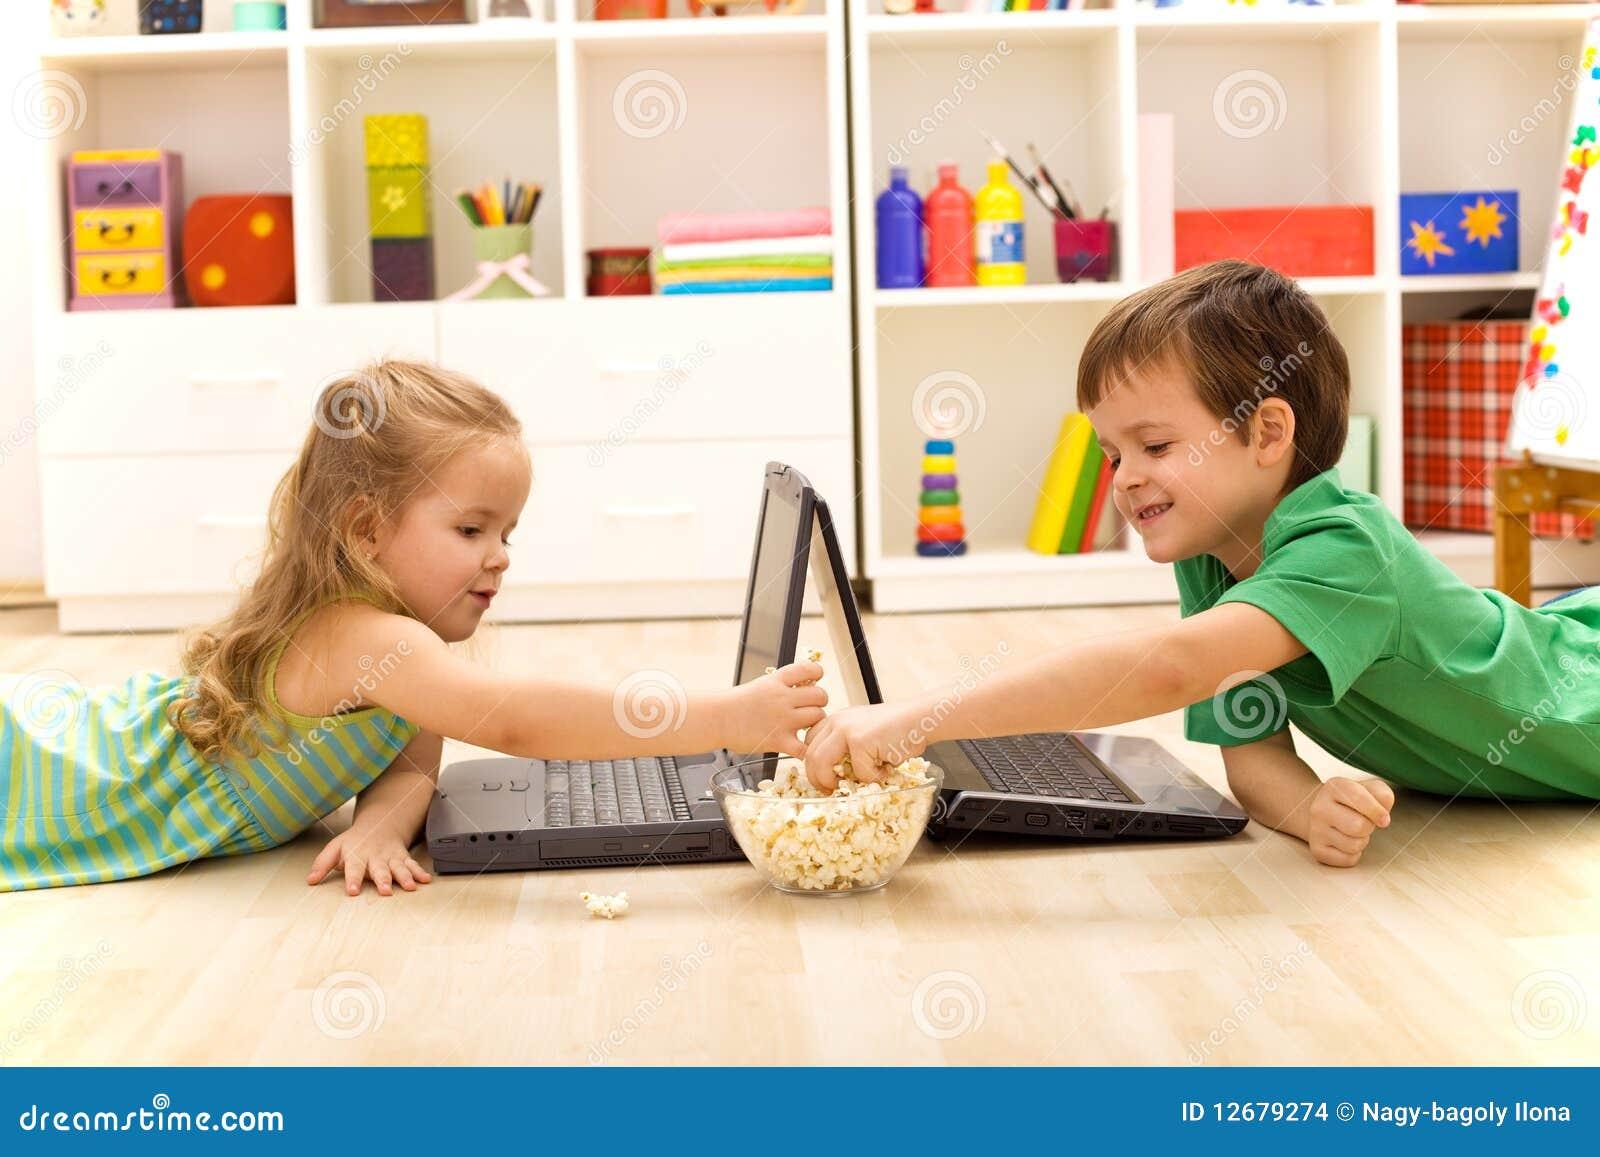 Kinder mit Laptopen Popcorn essend